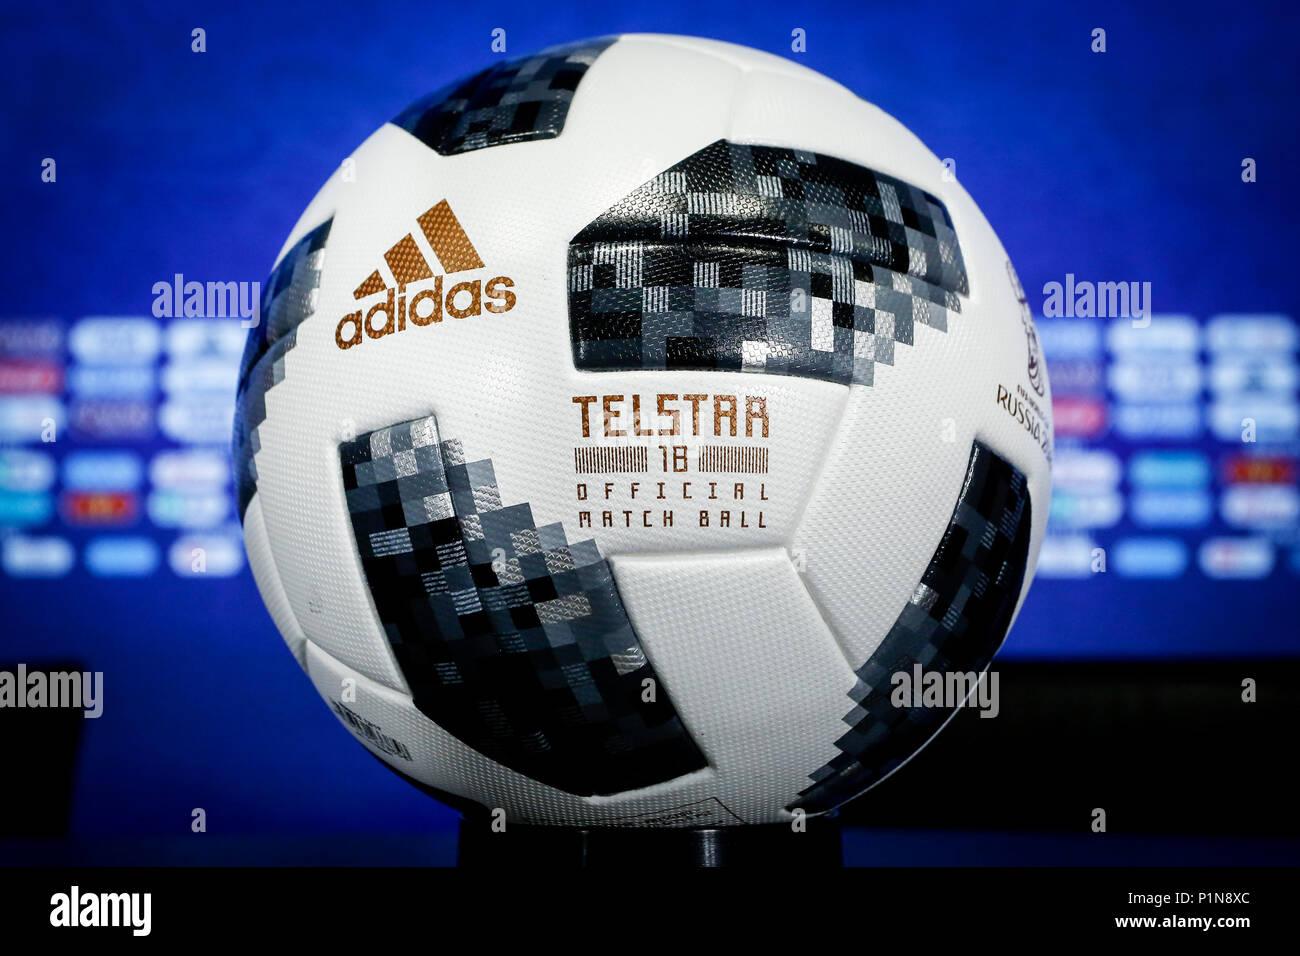 Adidas Telstar 2018 Imágenes De Stock   Adidas Telstar 2018 Fotos De ... 3e7a8228da35c